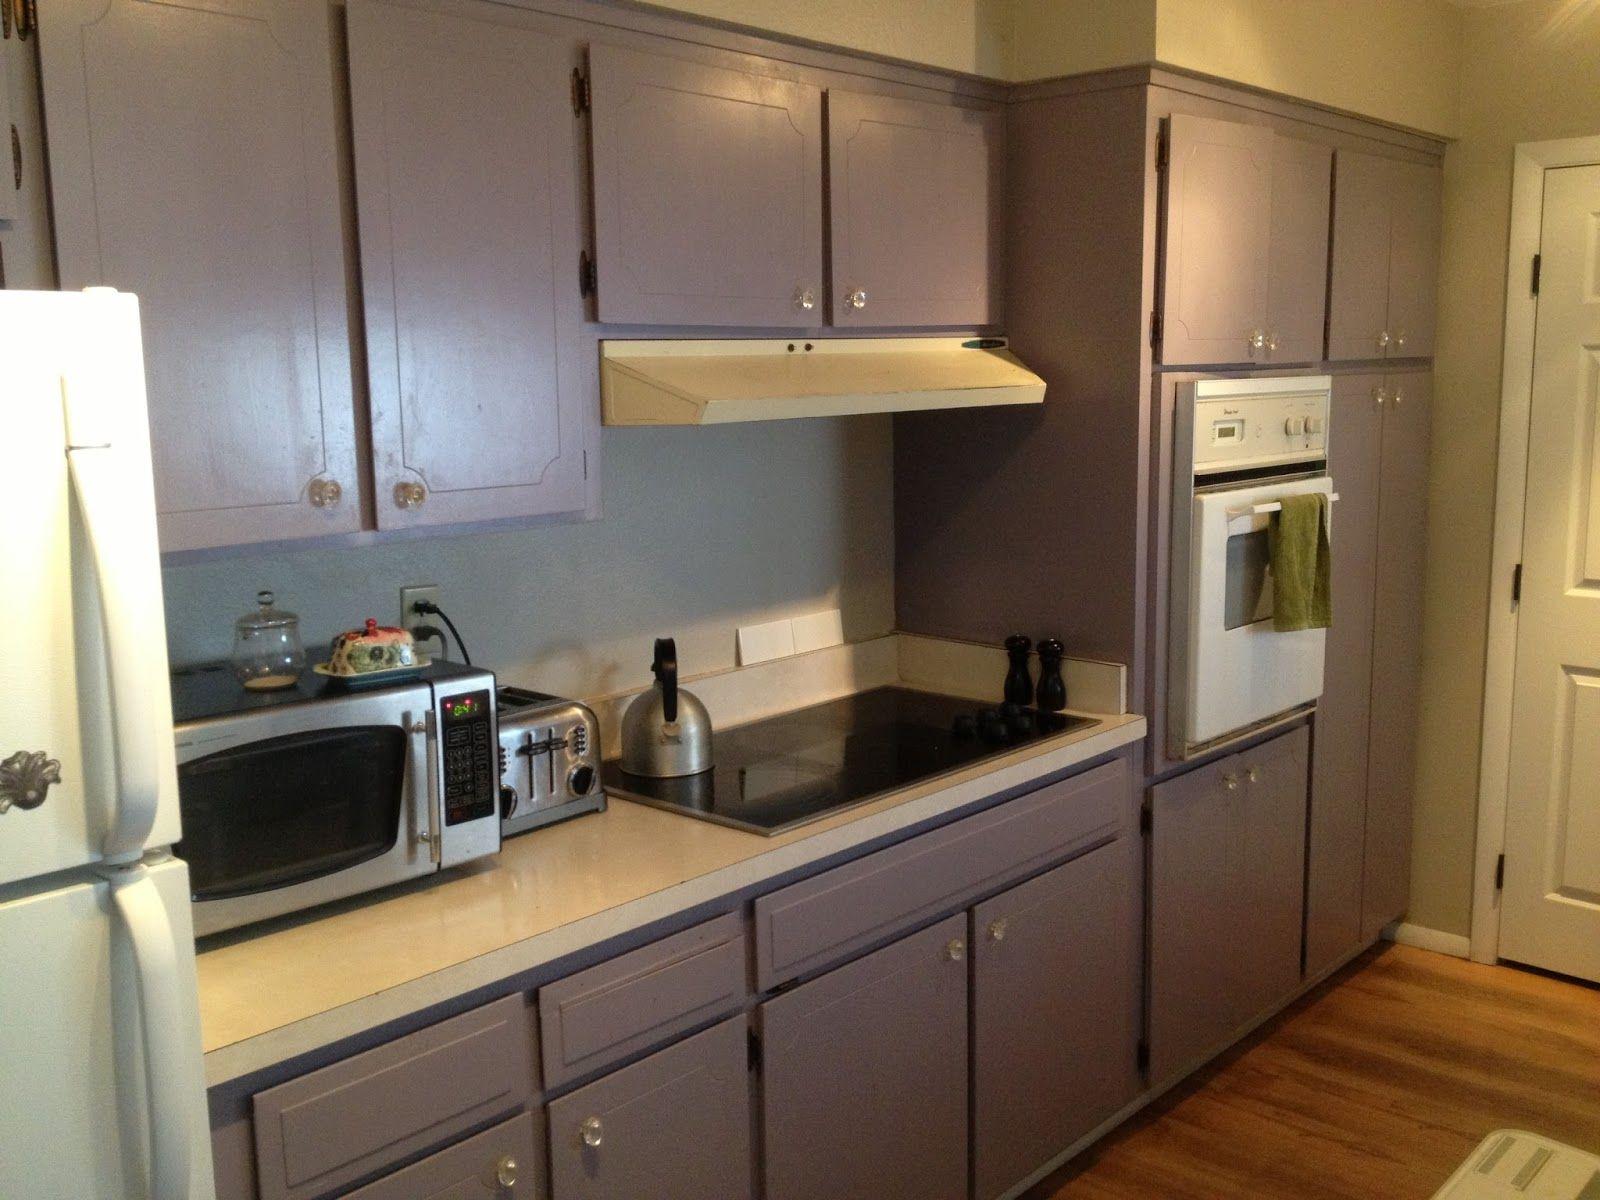 Apartment Kitchen Paint Ideas Kitchen Interior Design Modern Interior Design Kitchen Kitchen Cabinet Colors